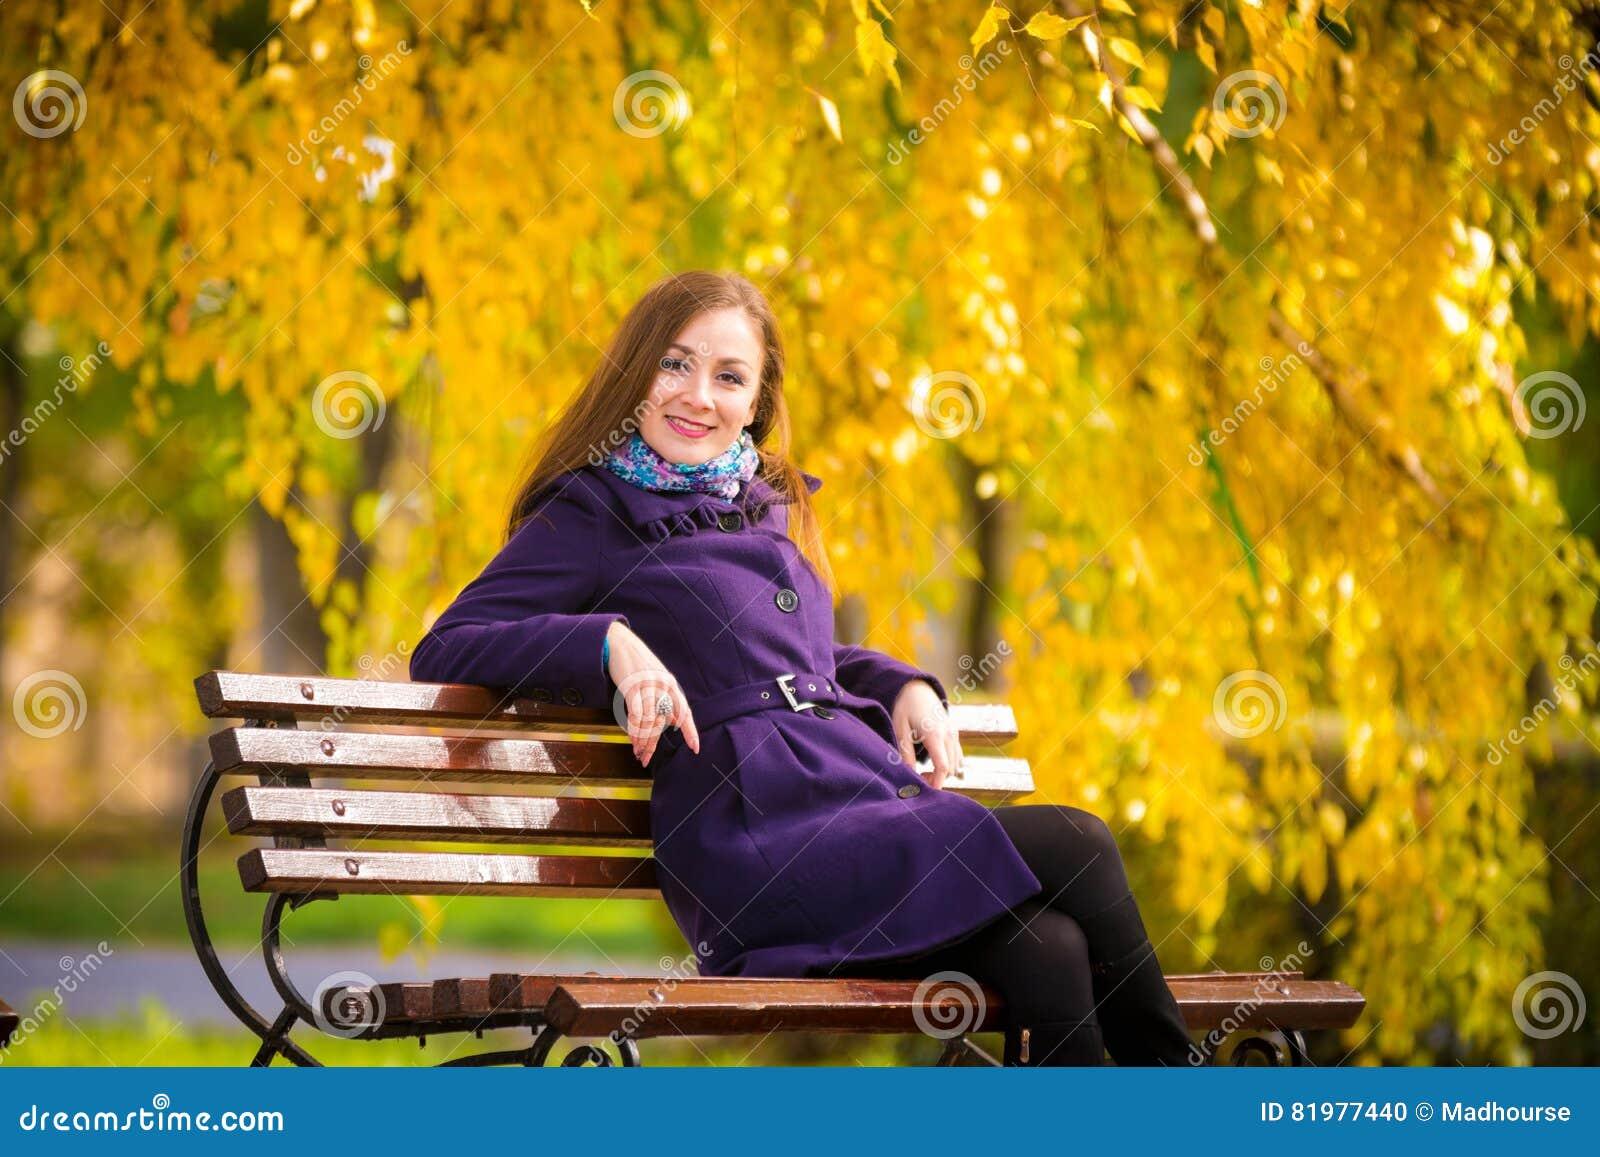 Ragazza che si siede il giorno caldo di autunno del banco